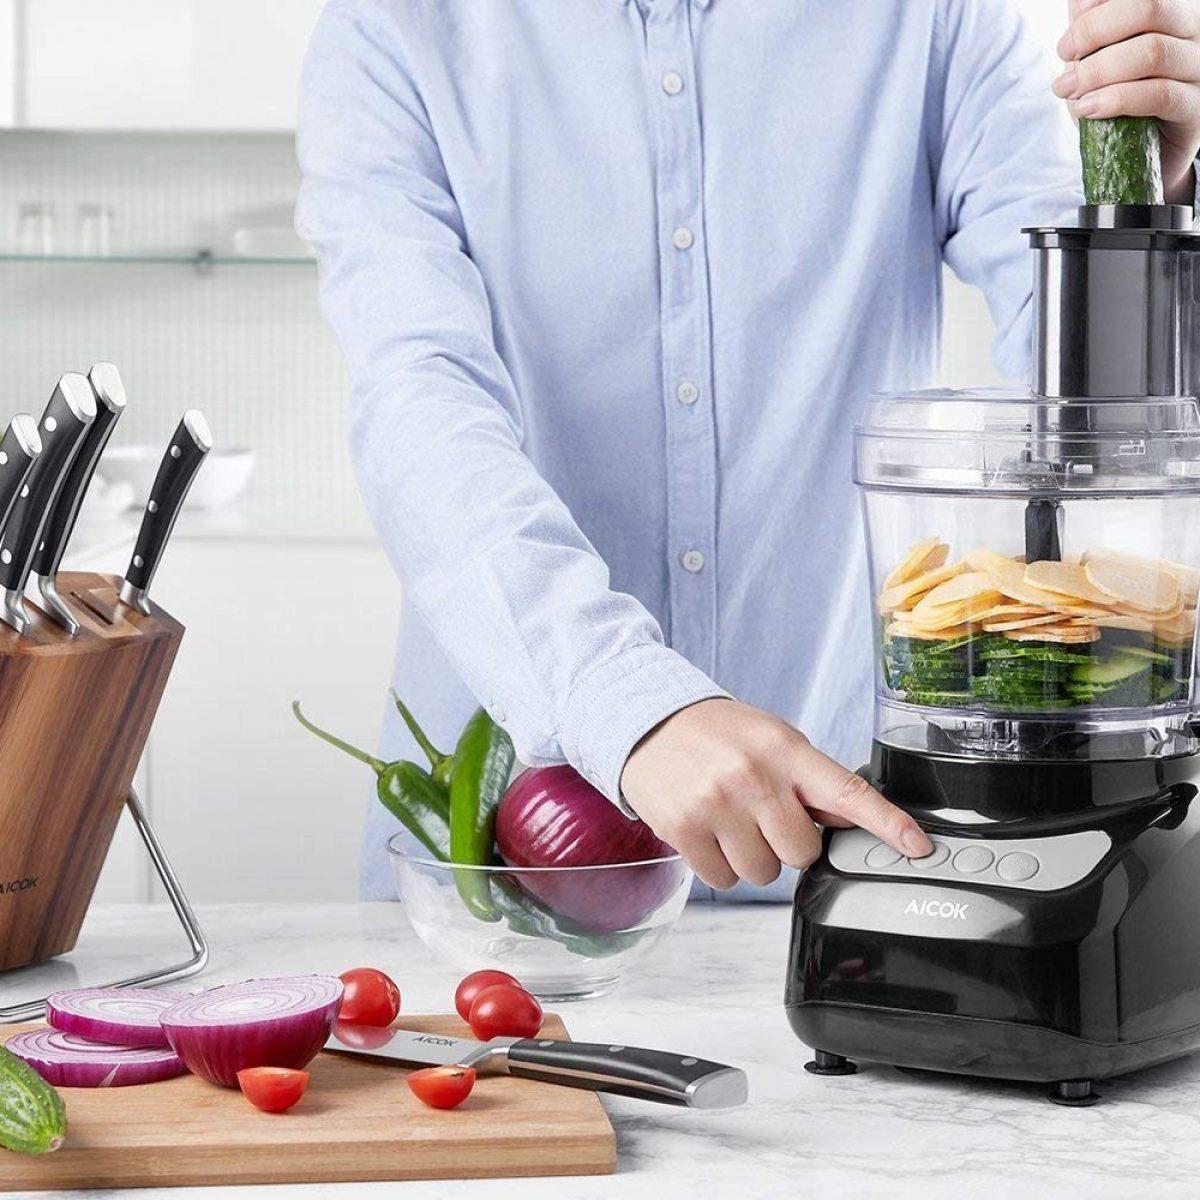 Migliori robot da cucina: i modelli da scegliere del 2020